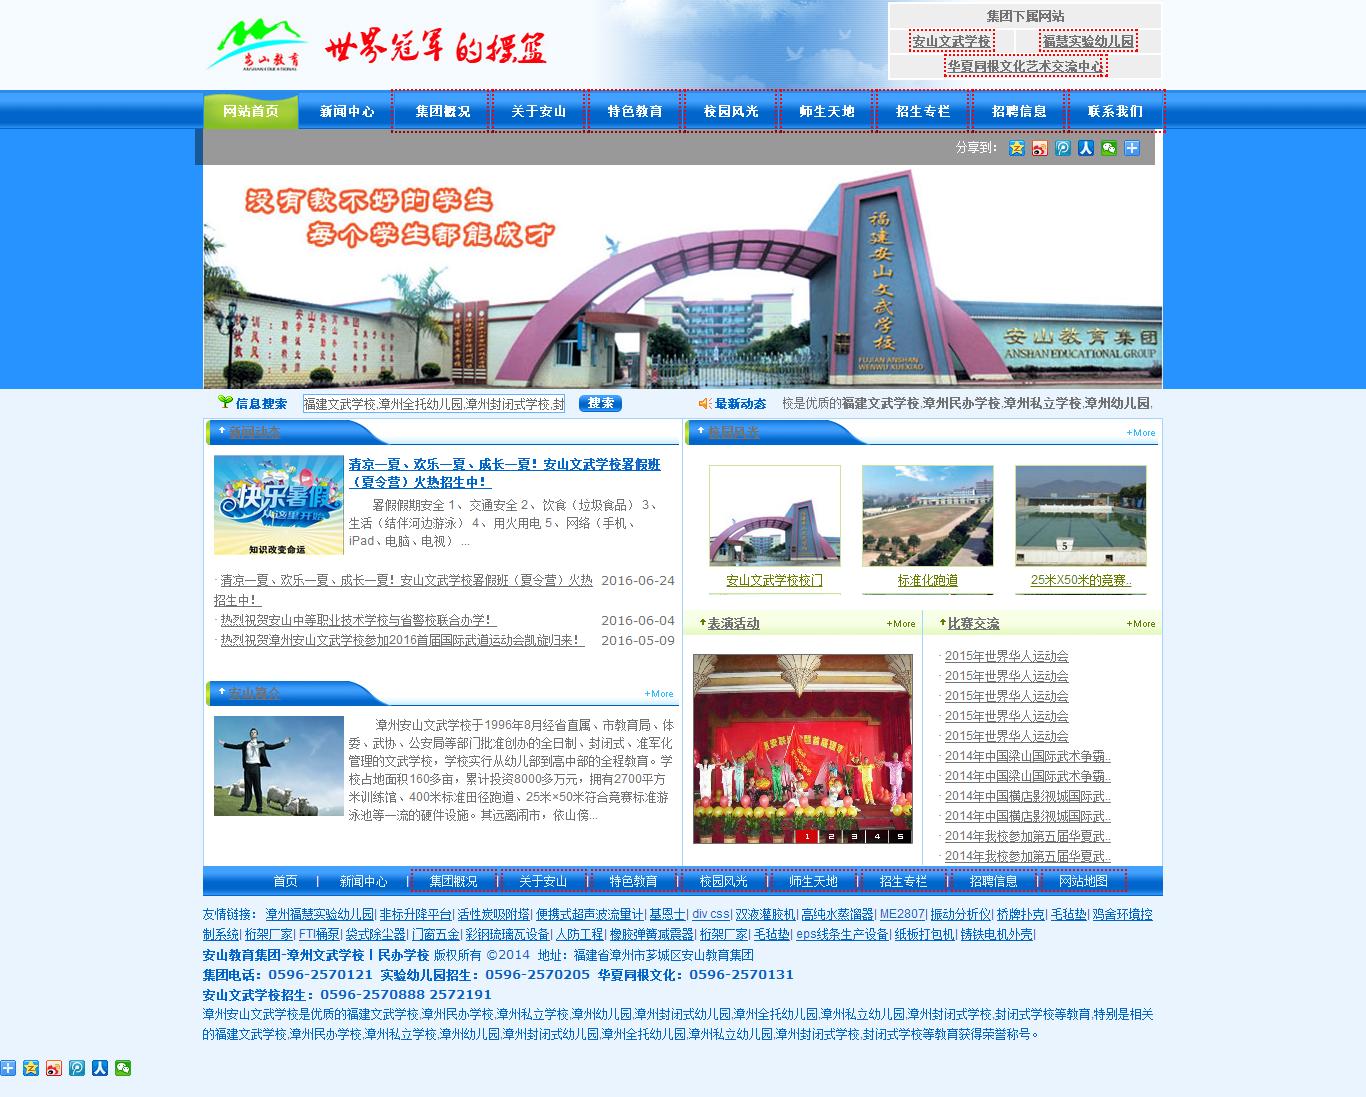 教育行业网站优化成功案例